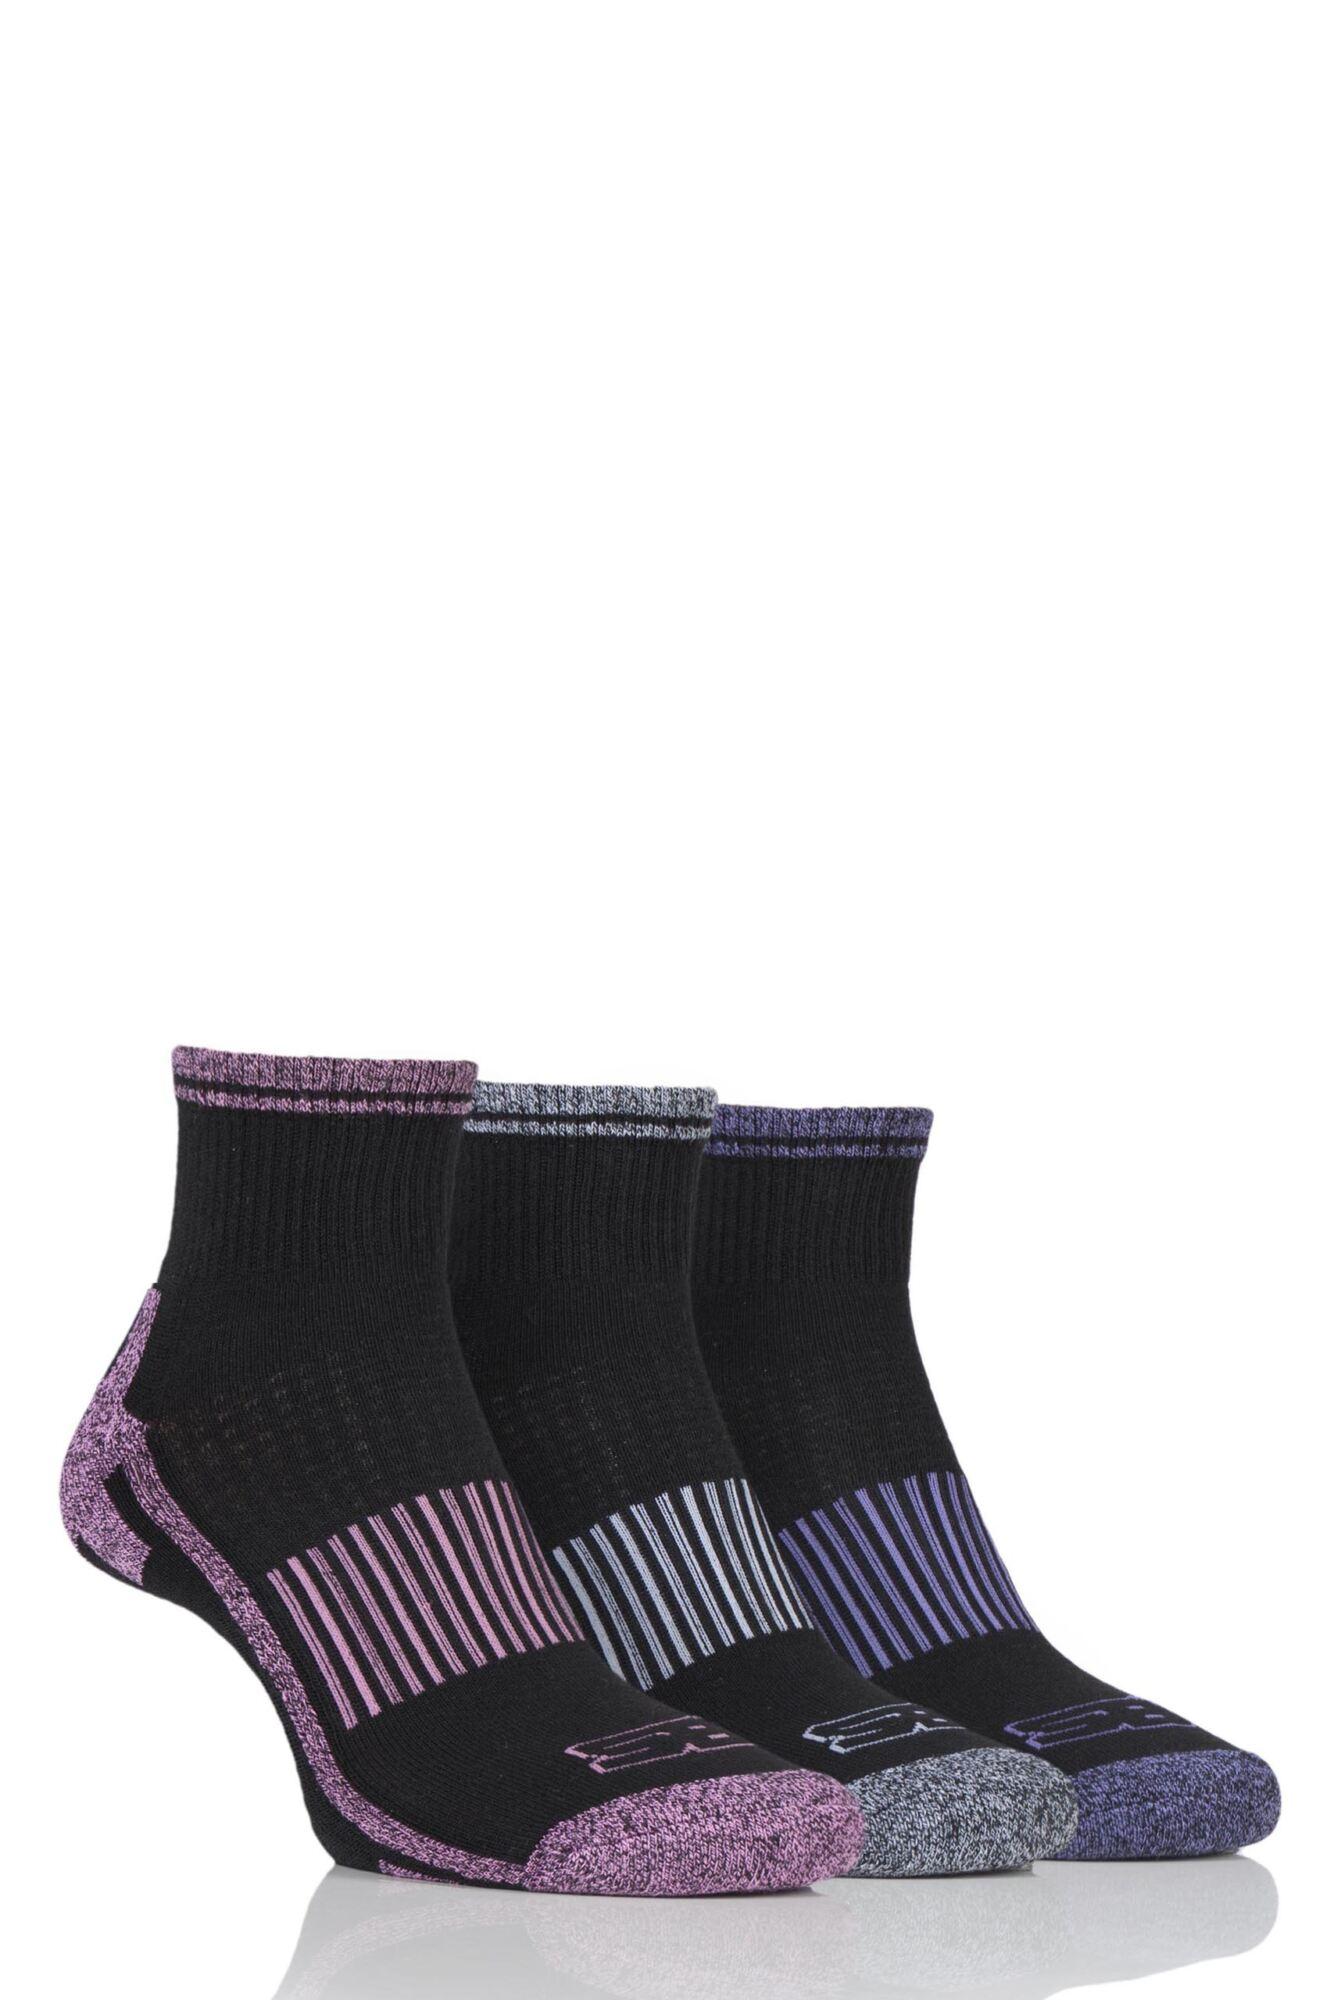 3 Pair Ankle Socks Ladies - Storm Bloc